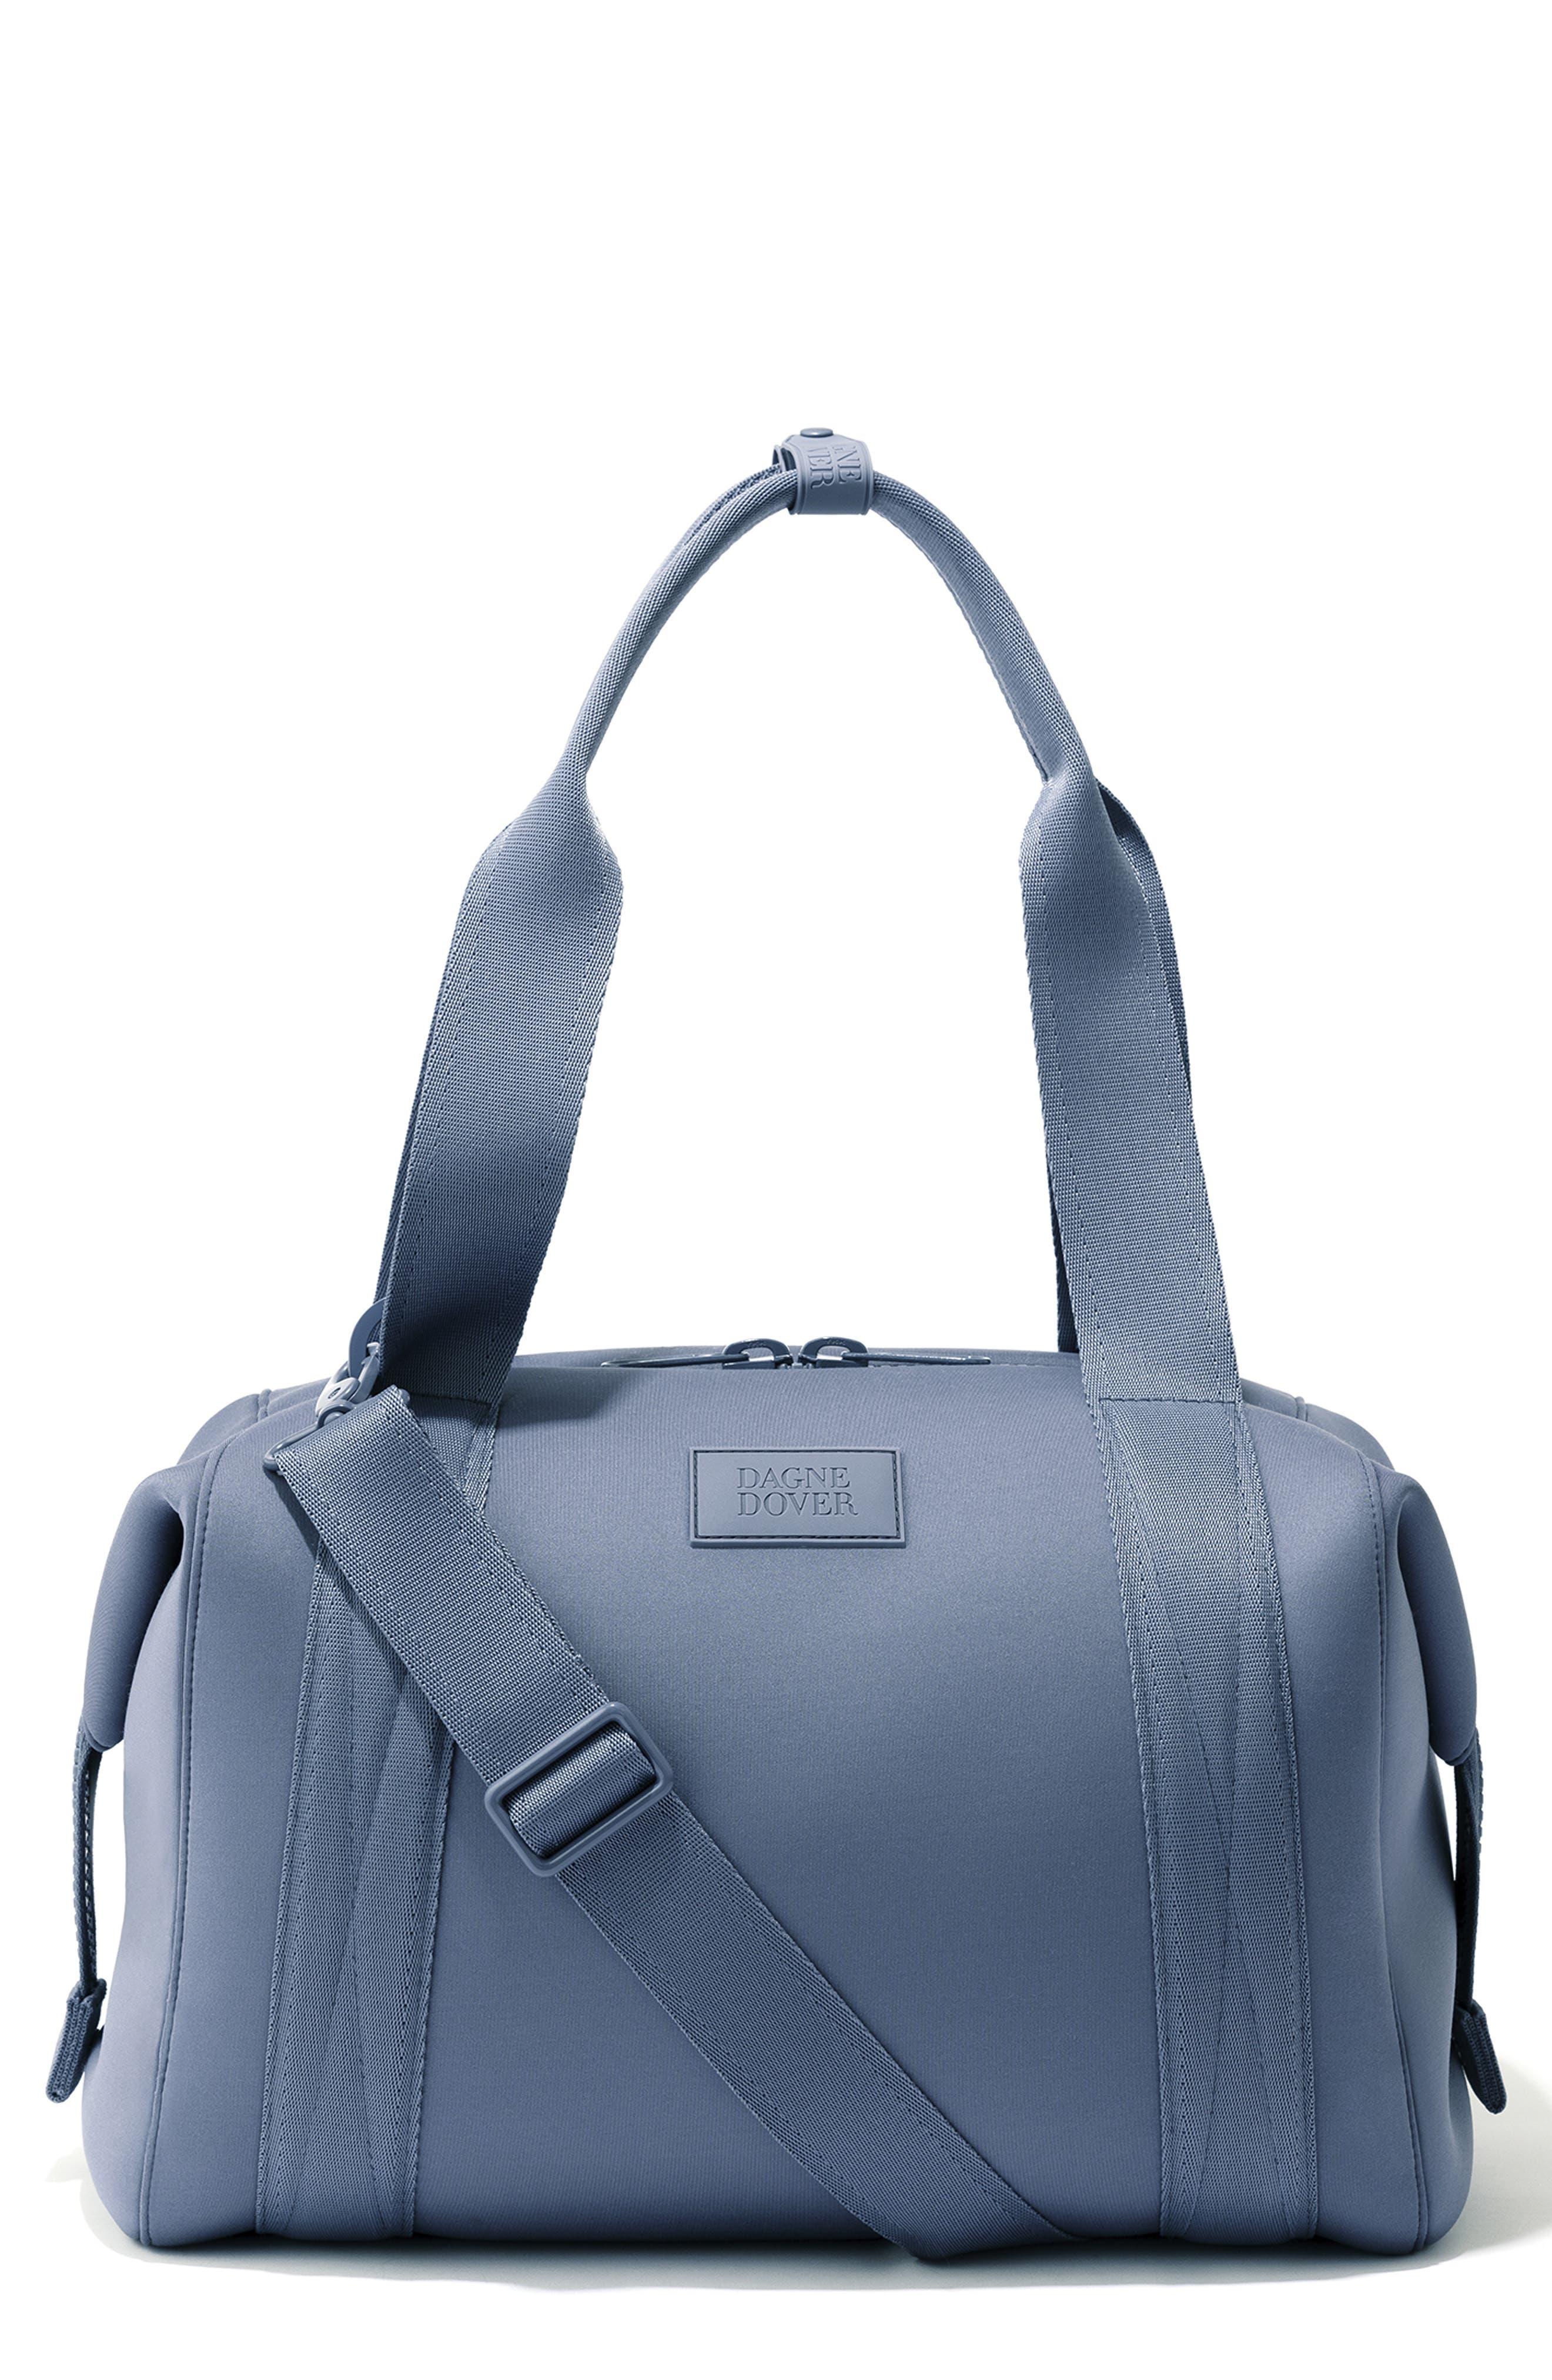 DAGNE DOVER 365 Medium Landon Neoprene Carryall Duffel Bag - Blue in Ash Blue